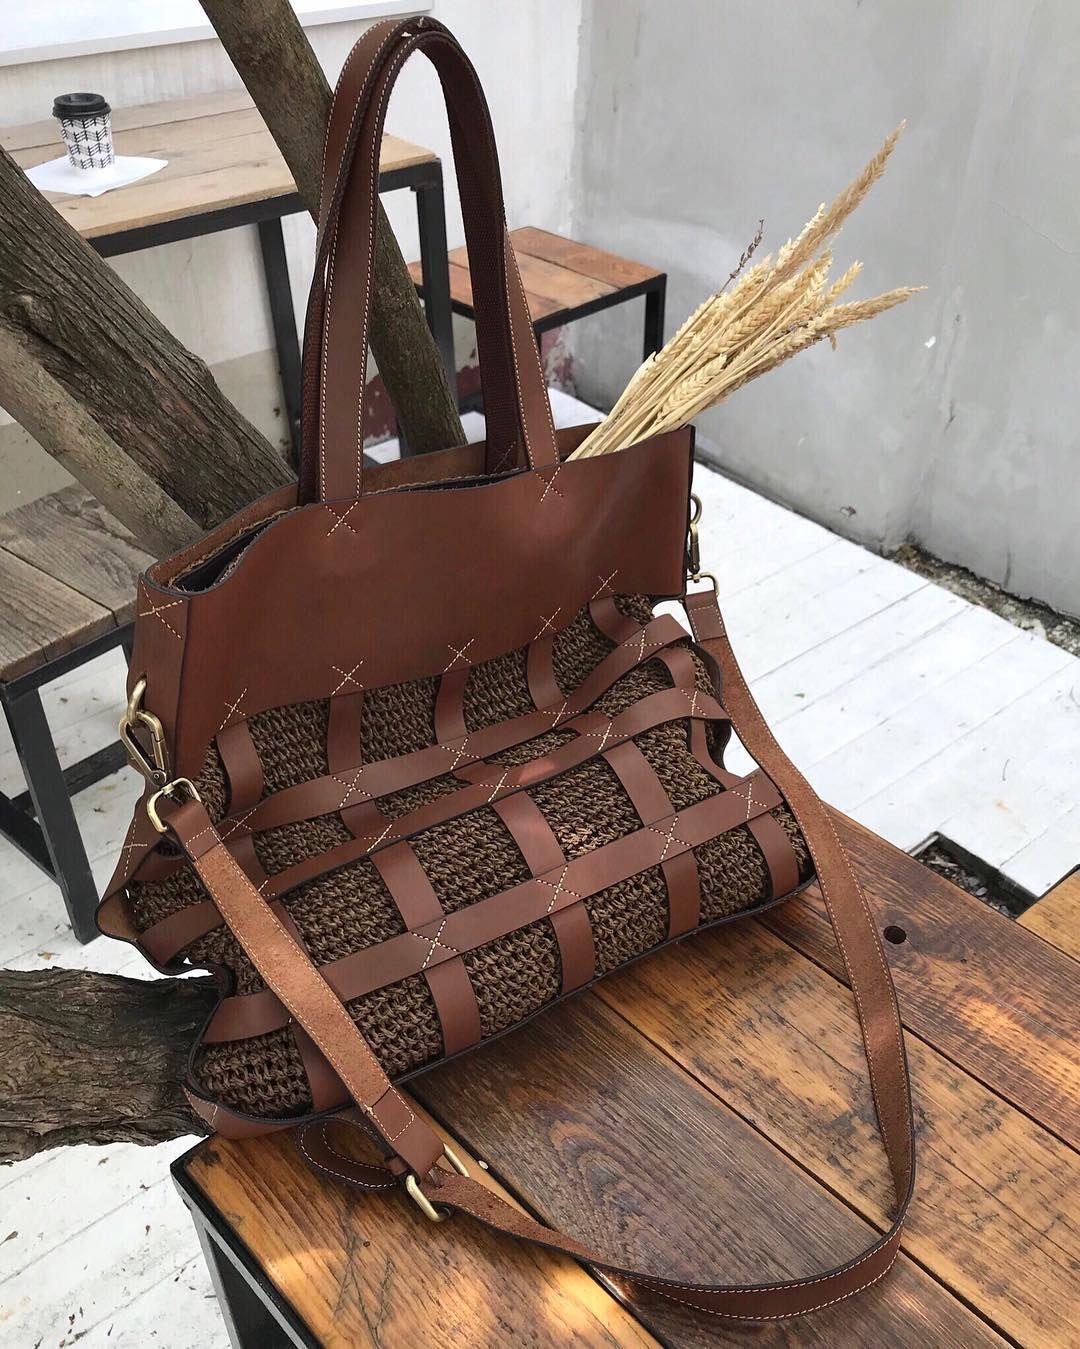 bcc5c905ef7c Летние сумки 12Storeez ⠀ ⠀ ✓️плетеная сумка с роговыми ручками ✓ замшевая  сумка-